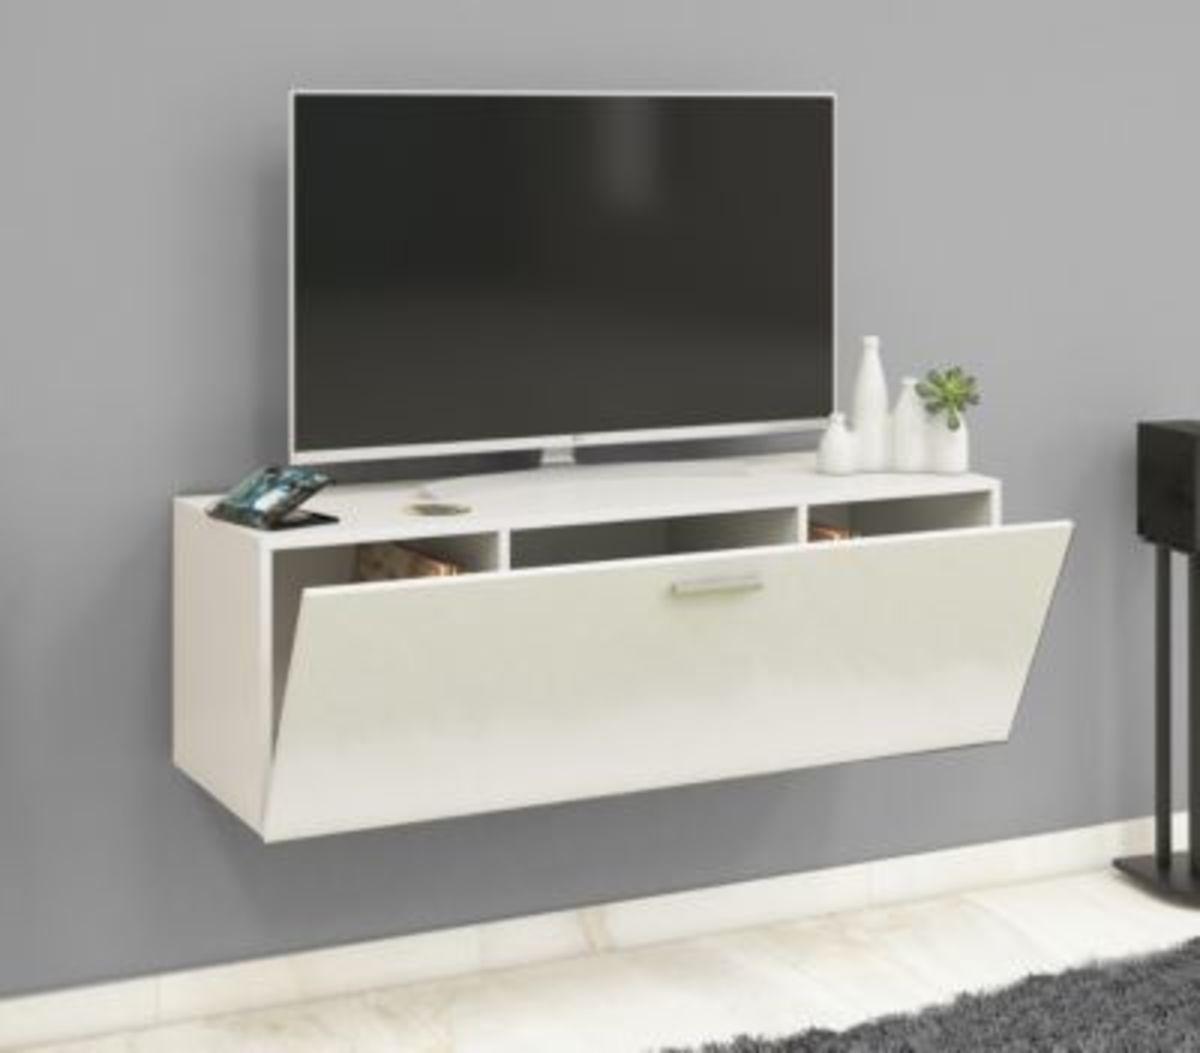 """Bild 1 von VCM TV Wand Board Fernsehtisch Lowboard Wohnwand Regal Wandschrank Schrank Tisch Hängend """"Fernso"""" VCM TV-Wand-Lowboard """"Fernso"""" (Farbe: B. 115cm: Schwarz)"""